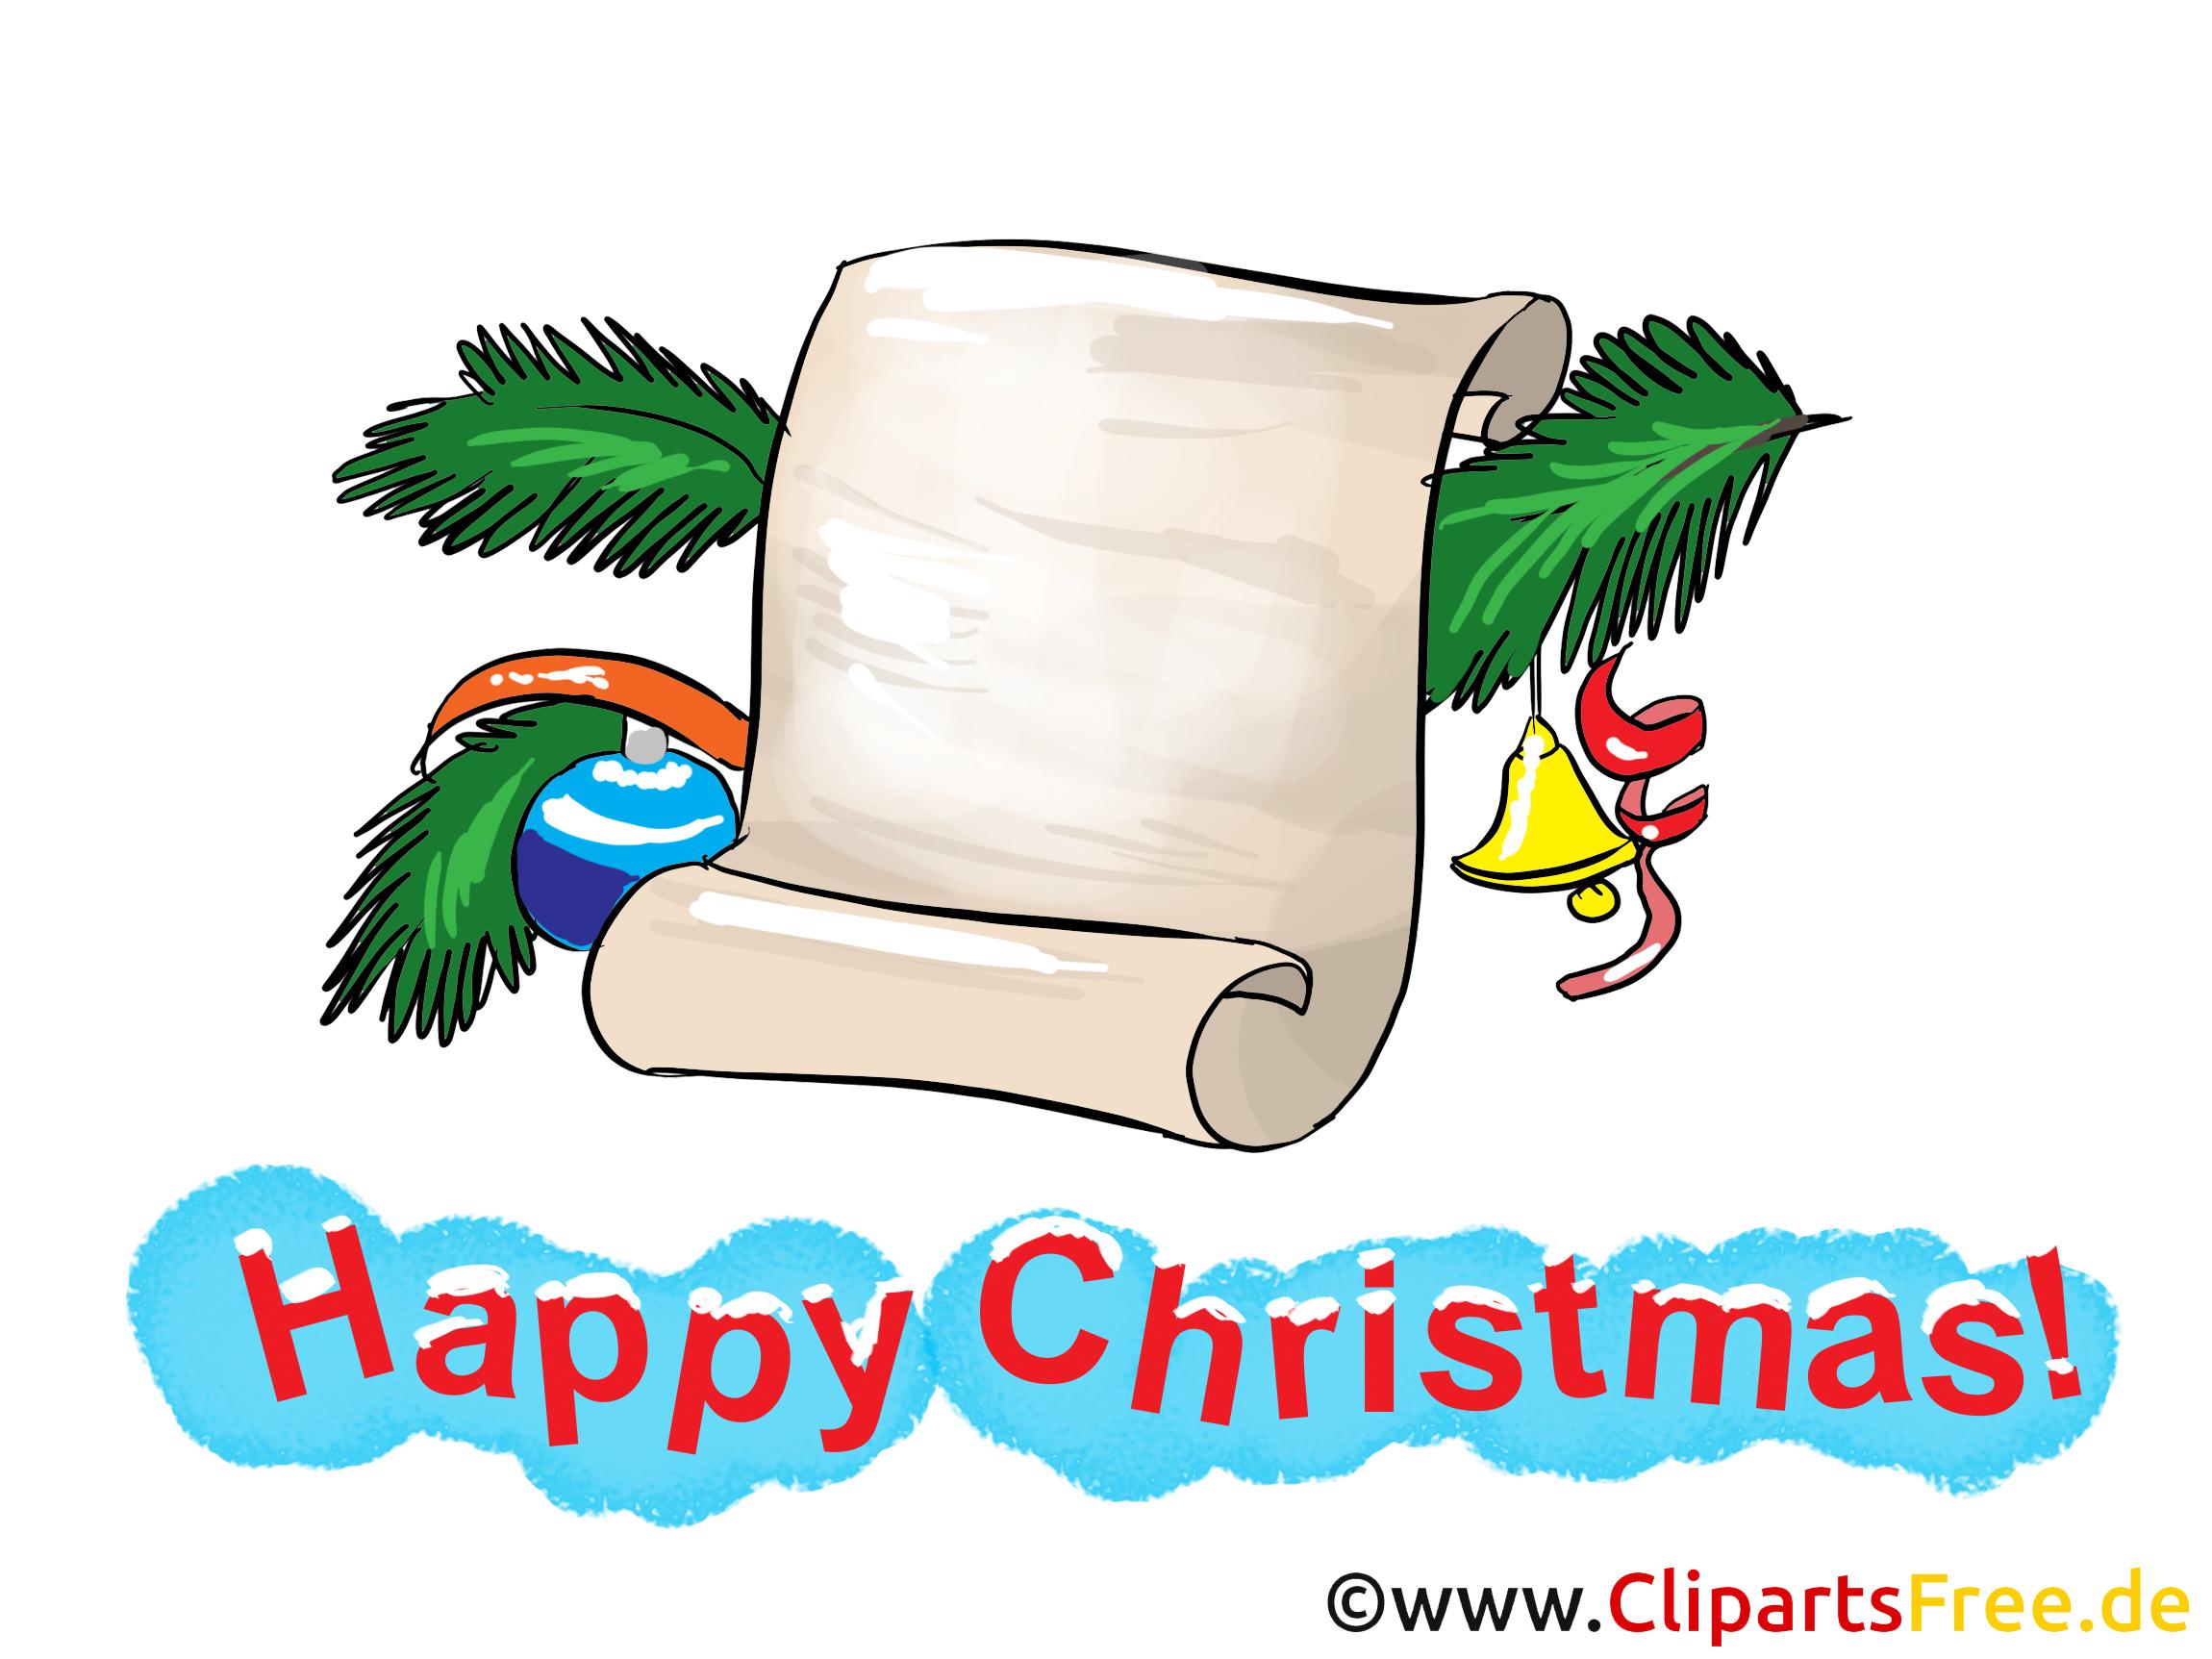 Business Christmas greetings